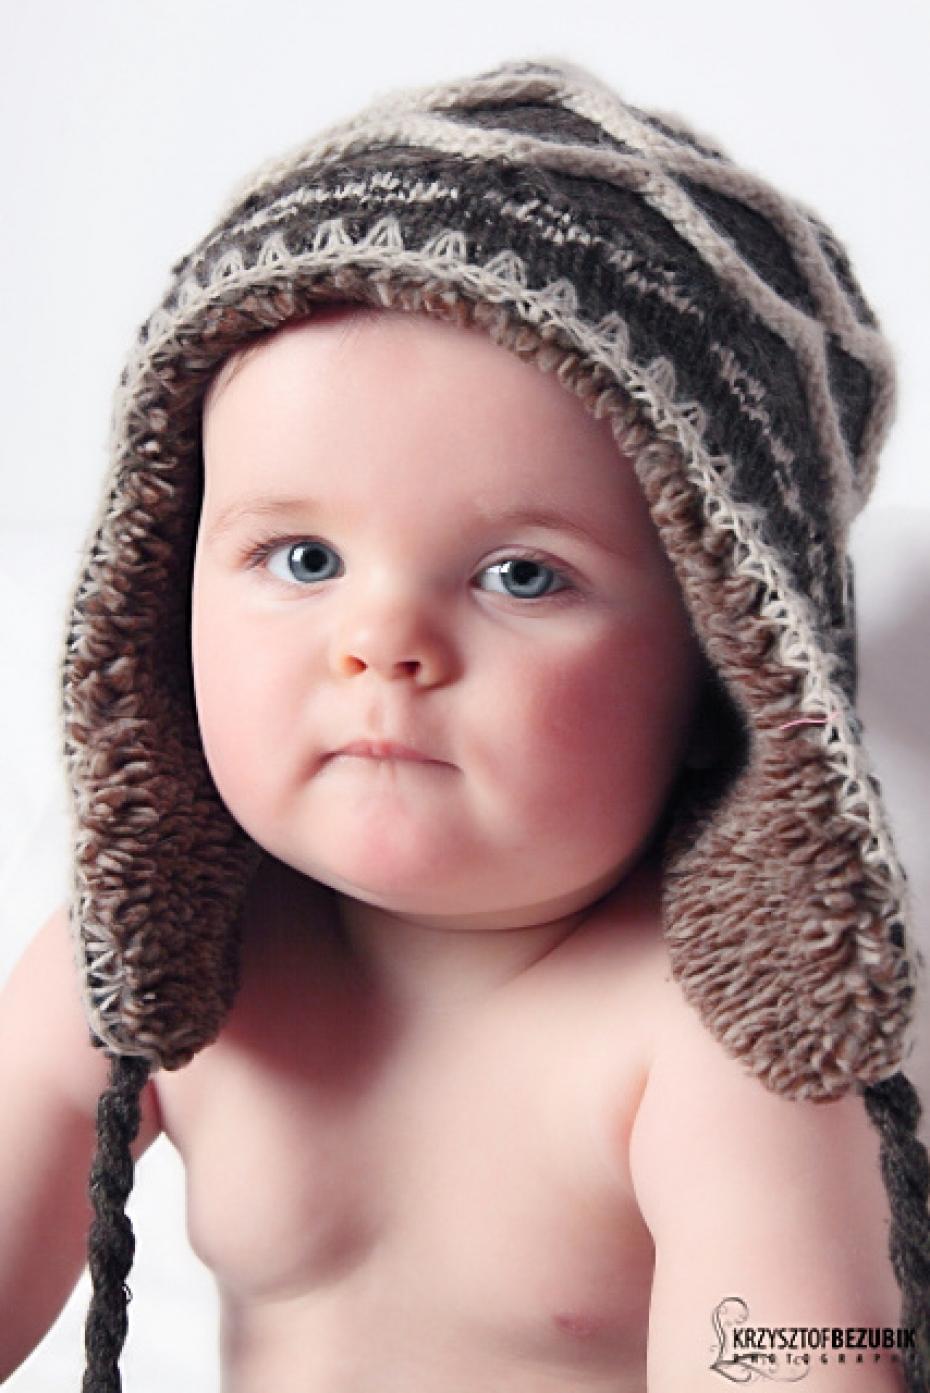 11-fotografia-dziecieca-bialystok-zdjecie-dzieciece-bialystok-fotografia-ciazowa-bialystok-fotografia-rodzinna-bialystok-fotografia-studyjna-bialystok